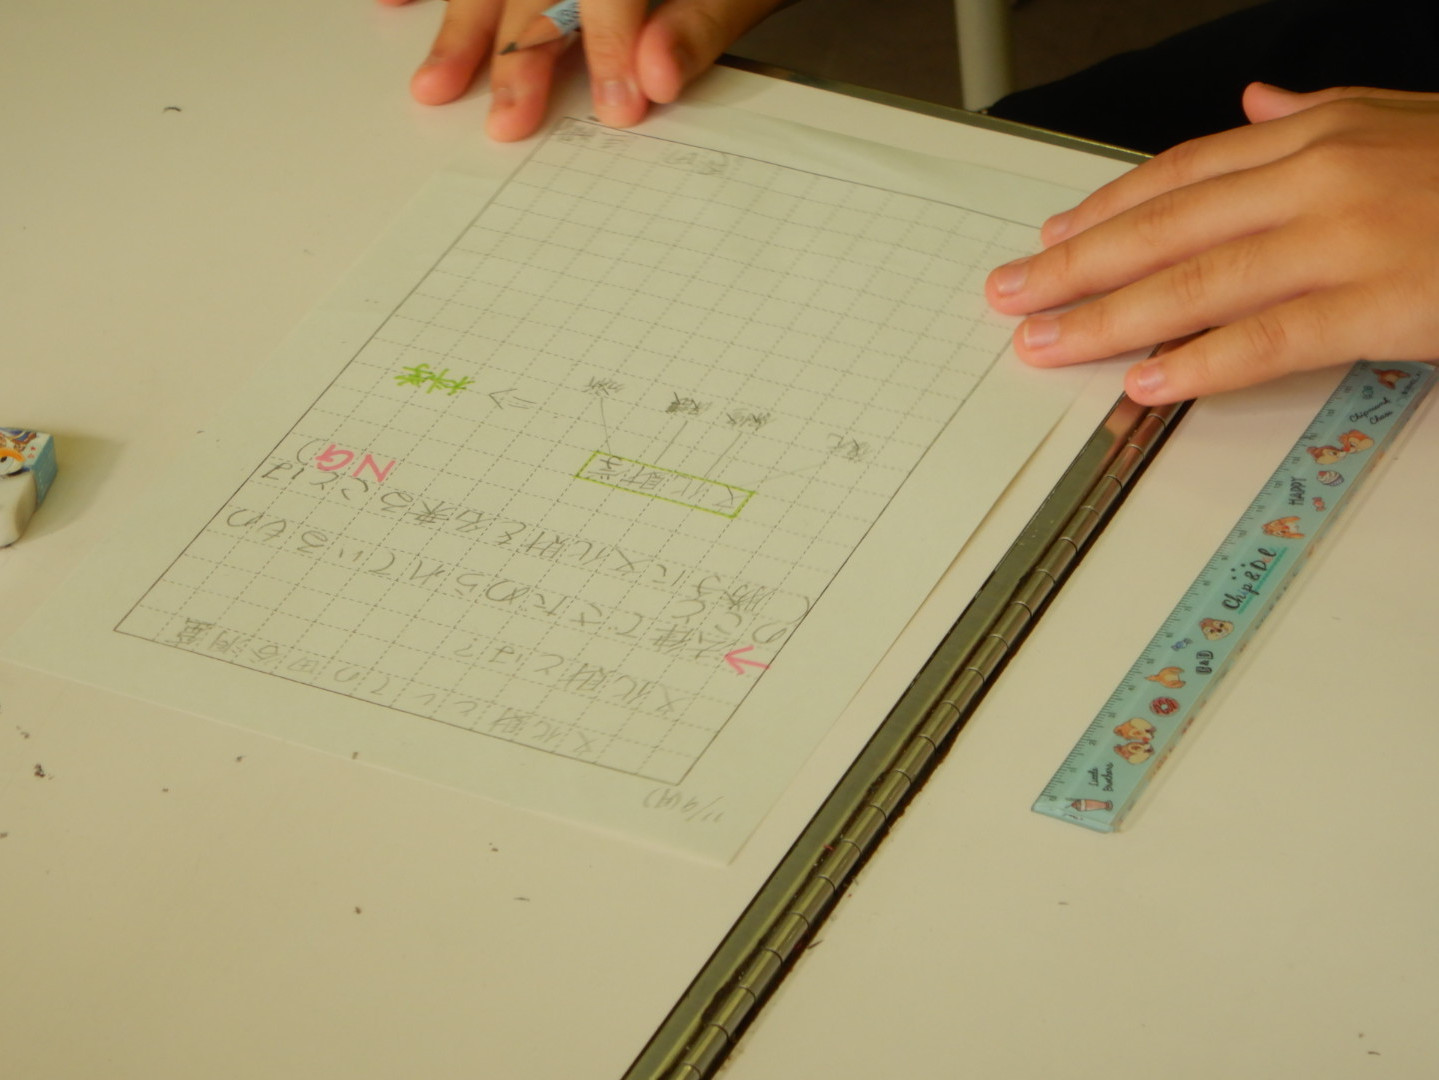 2020-11-09 緒方先生授業-009-DB.jpg